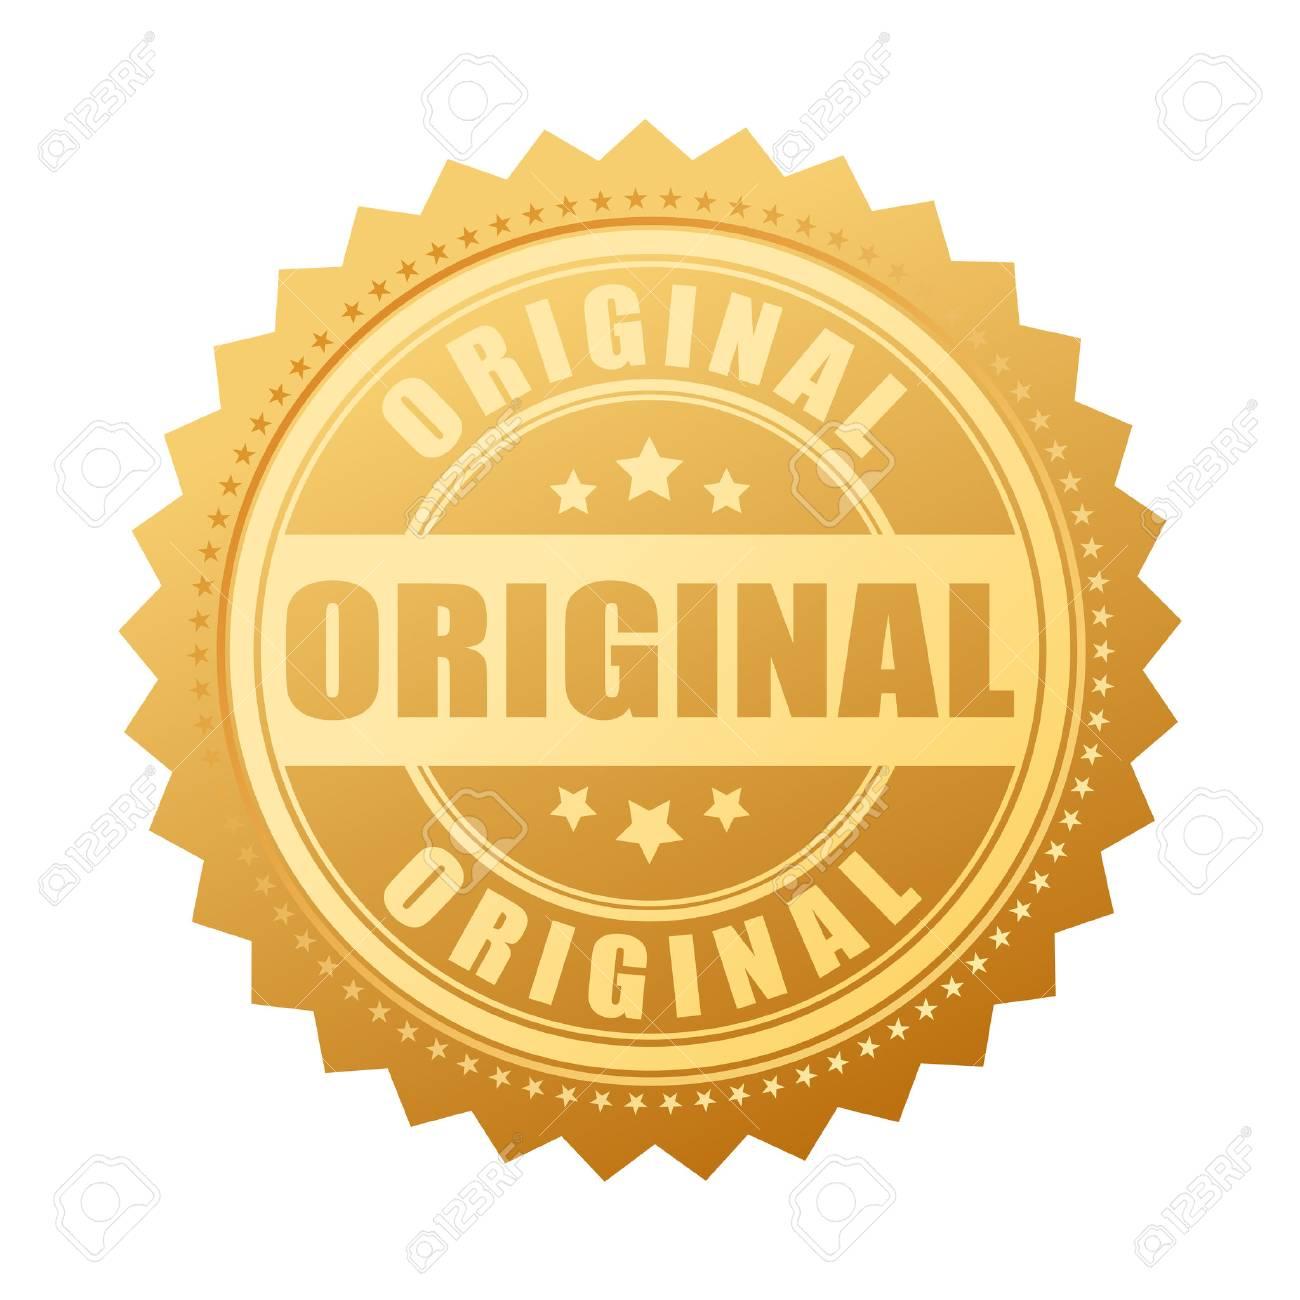 bbaaa2ba0bfa Original Gold Seal Icon Royalty Free Cliparts, Vectors, And Stock ...